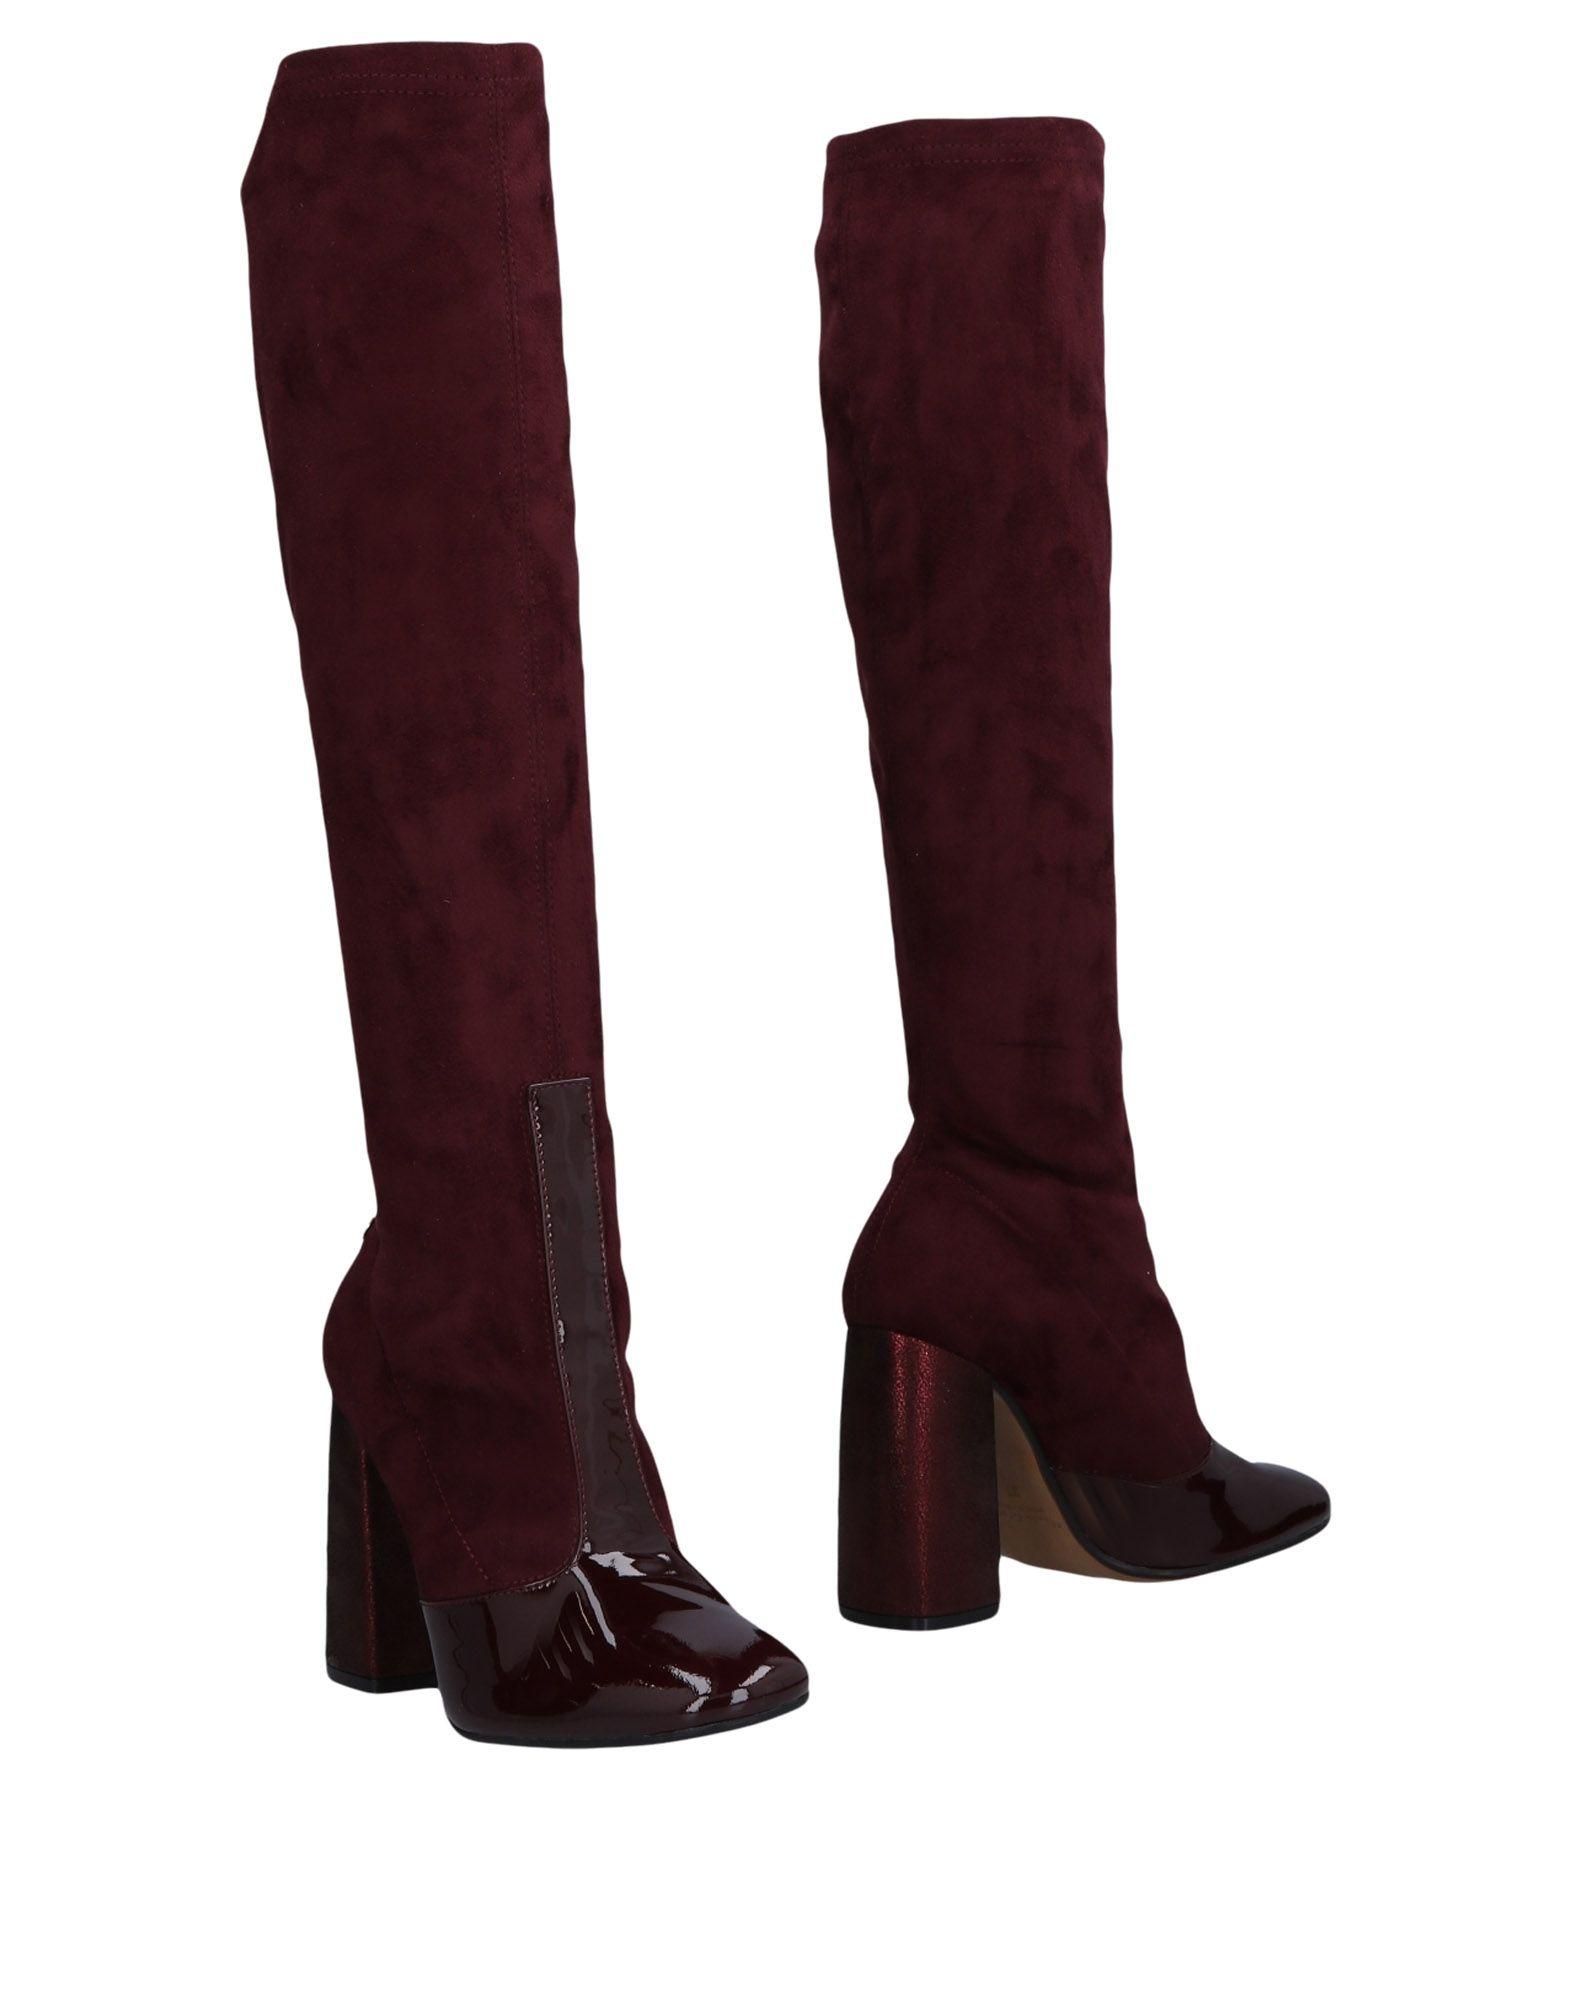 Manila Grace Stiefel Damen Schuhe  11478264JLGut aussehende strapazierfähige Schuhe Damen ae928b